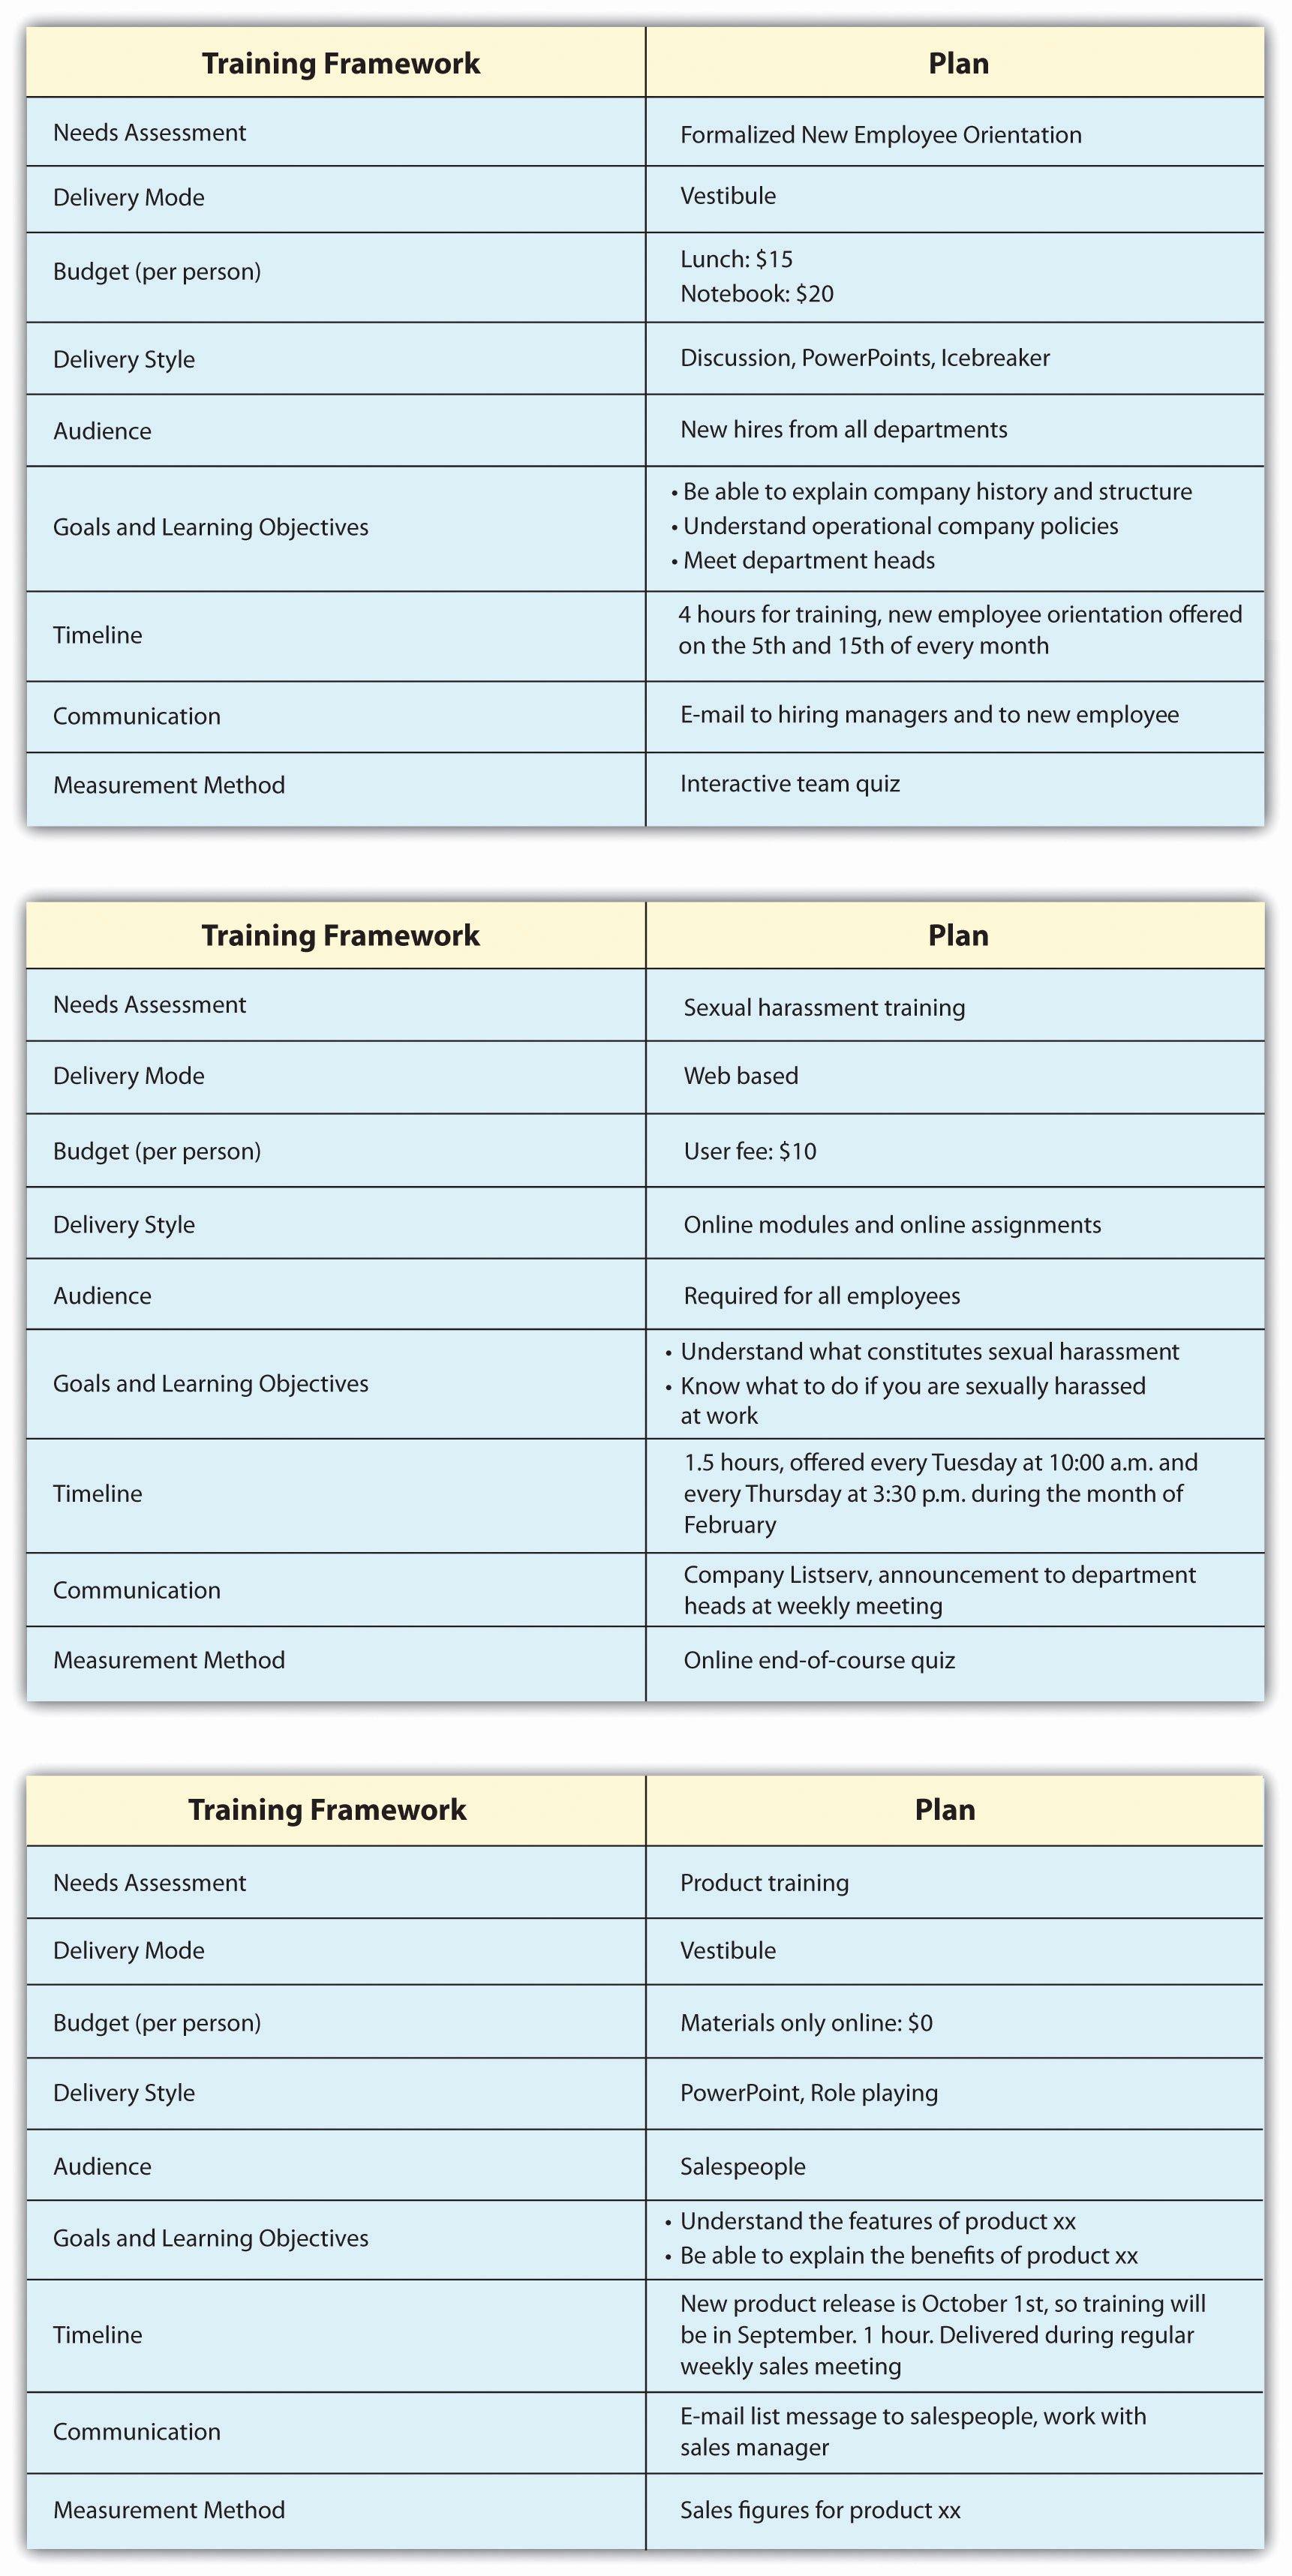 Individual Employee Training Plan Template Awesome Individual Employee Training Plan Template